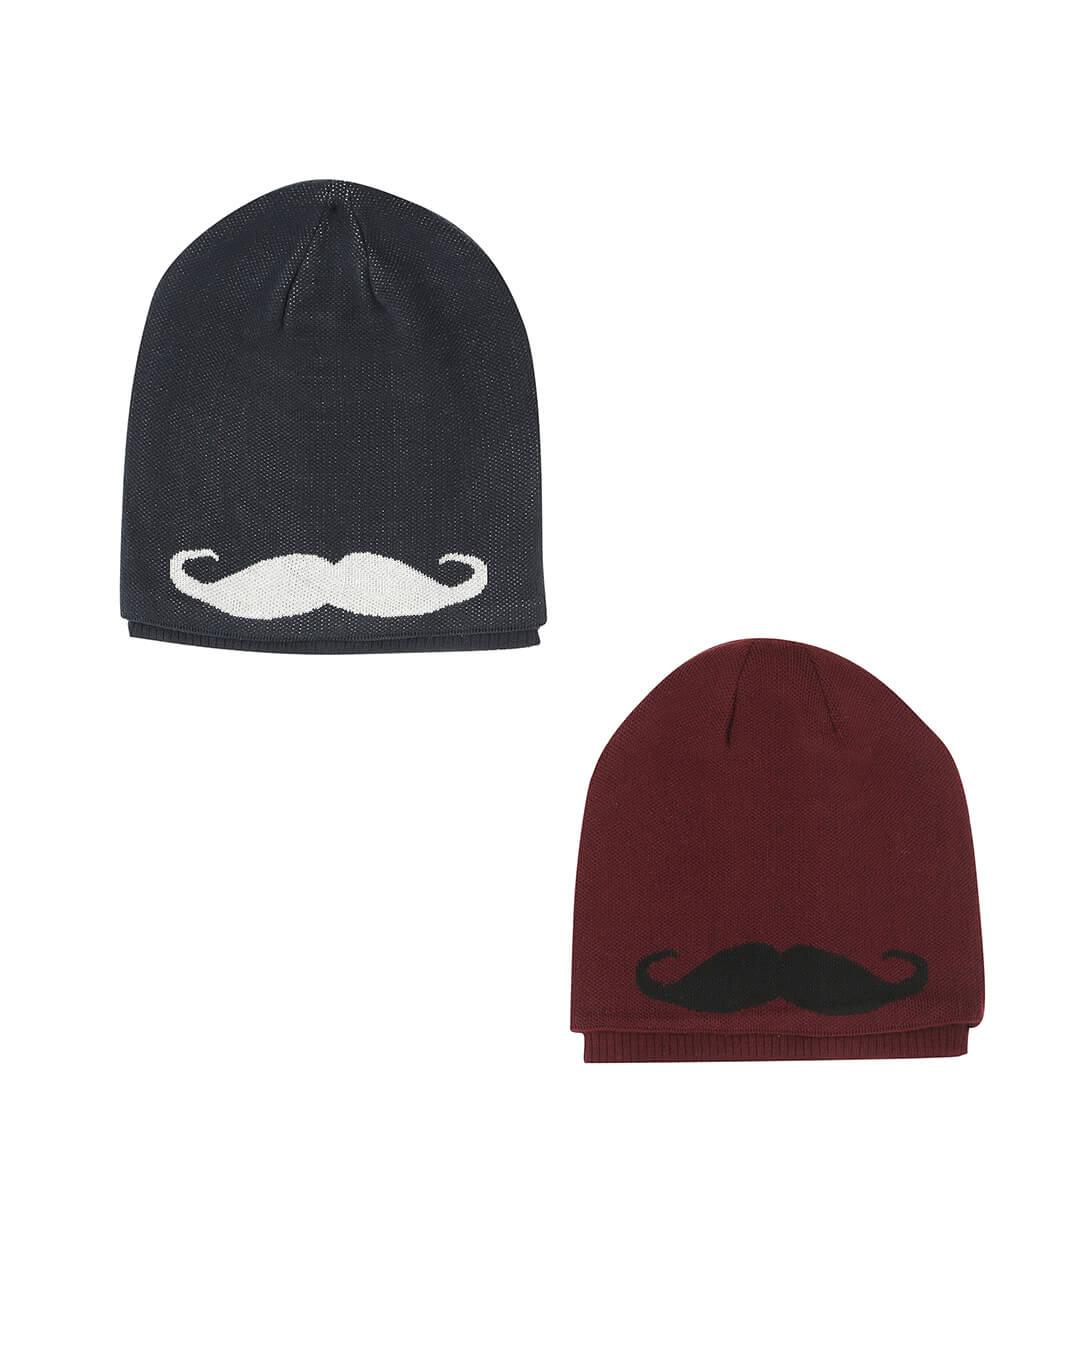 AFRW-16-03 - Bıyıklı Bere - Ürün Resmi - CMF Şapka